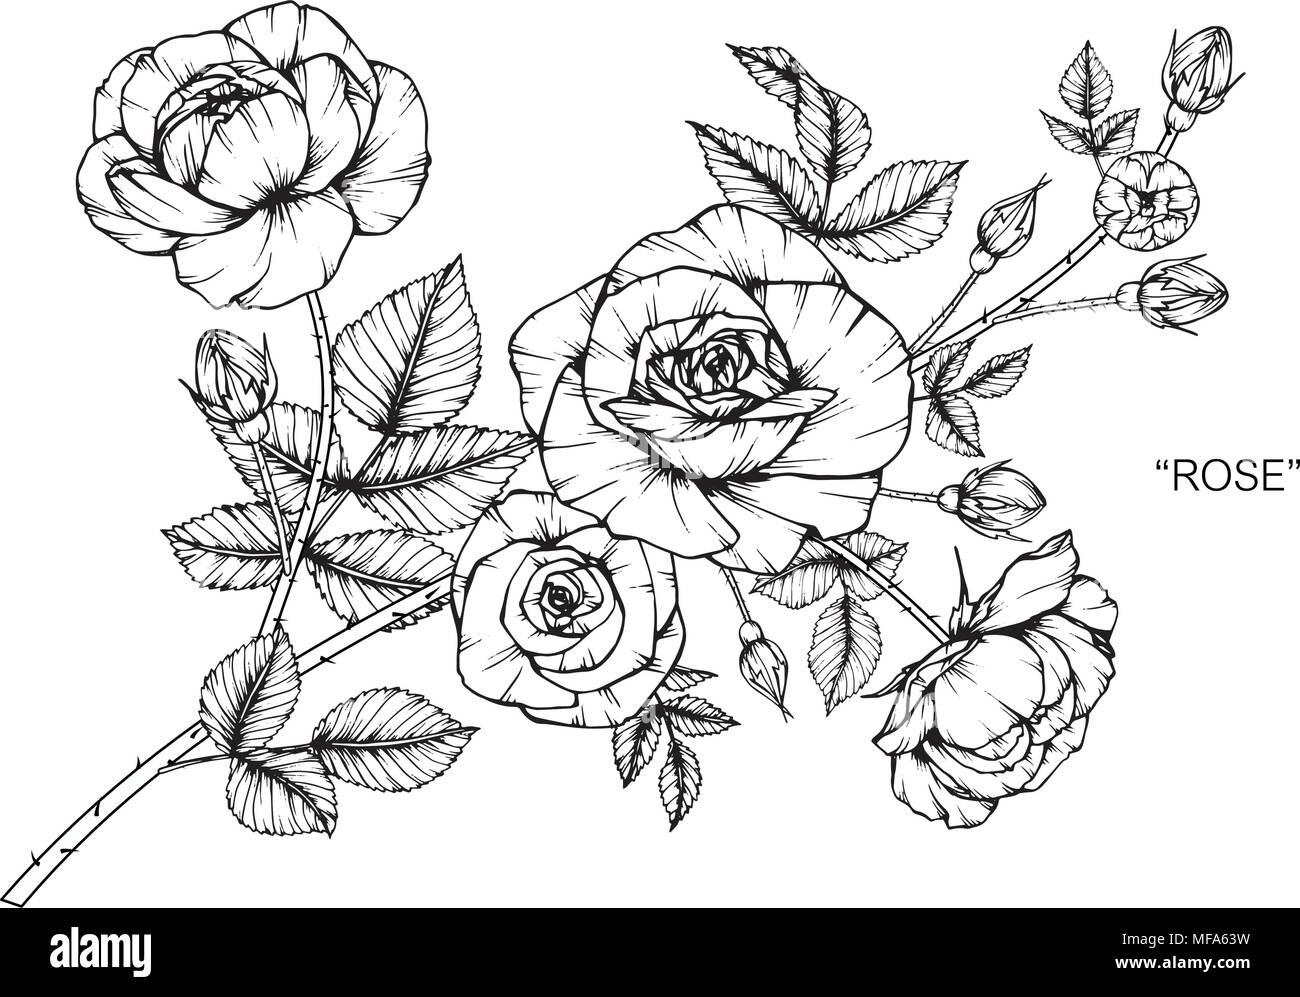 rose blume zeichnen abbildung schwarz und wei mit line art auf wei em hintergrund vektor. Black Bedroom Furniture Sets. Home Design Ideas